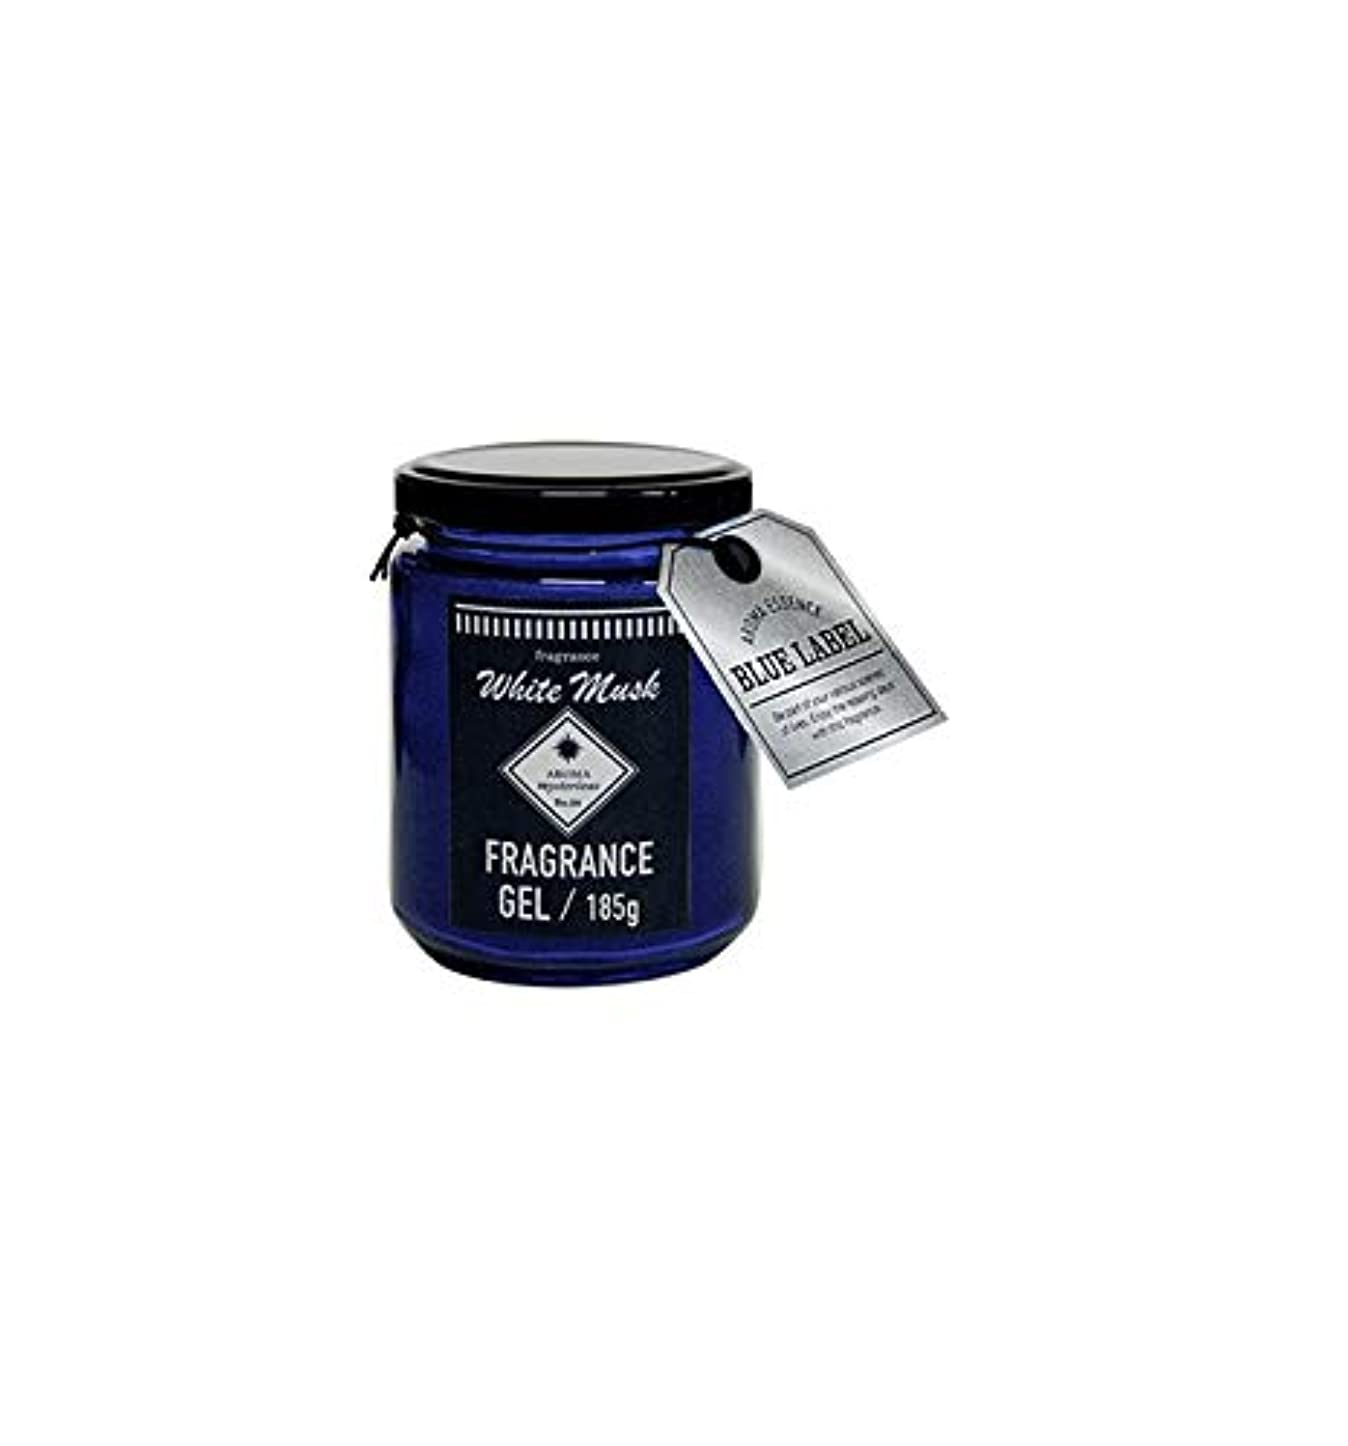 おなじみの伝染病コマンドブルーラベル ブルー フレグランスジェル185g ホワイトムスク(消臭除菌 日本製 誰もが好む香り)